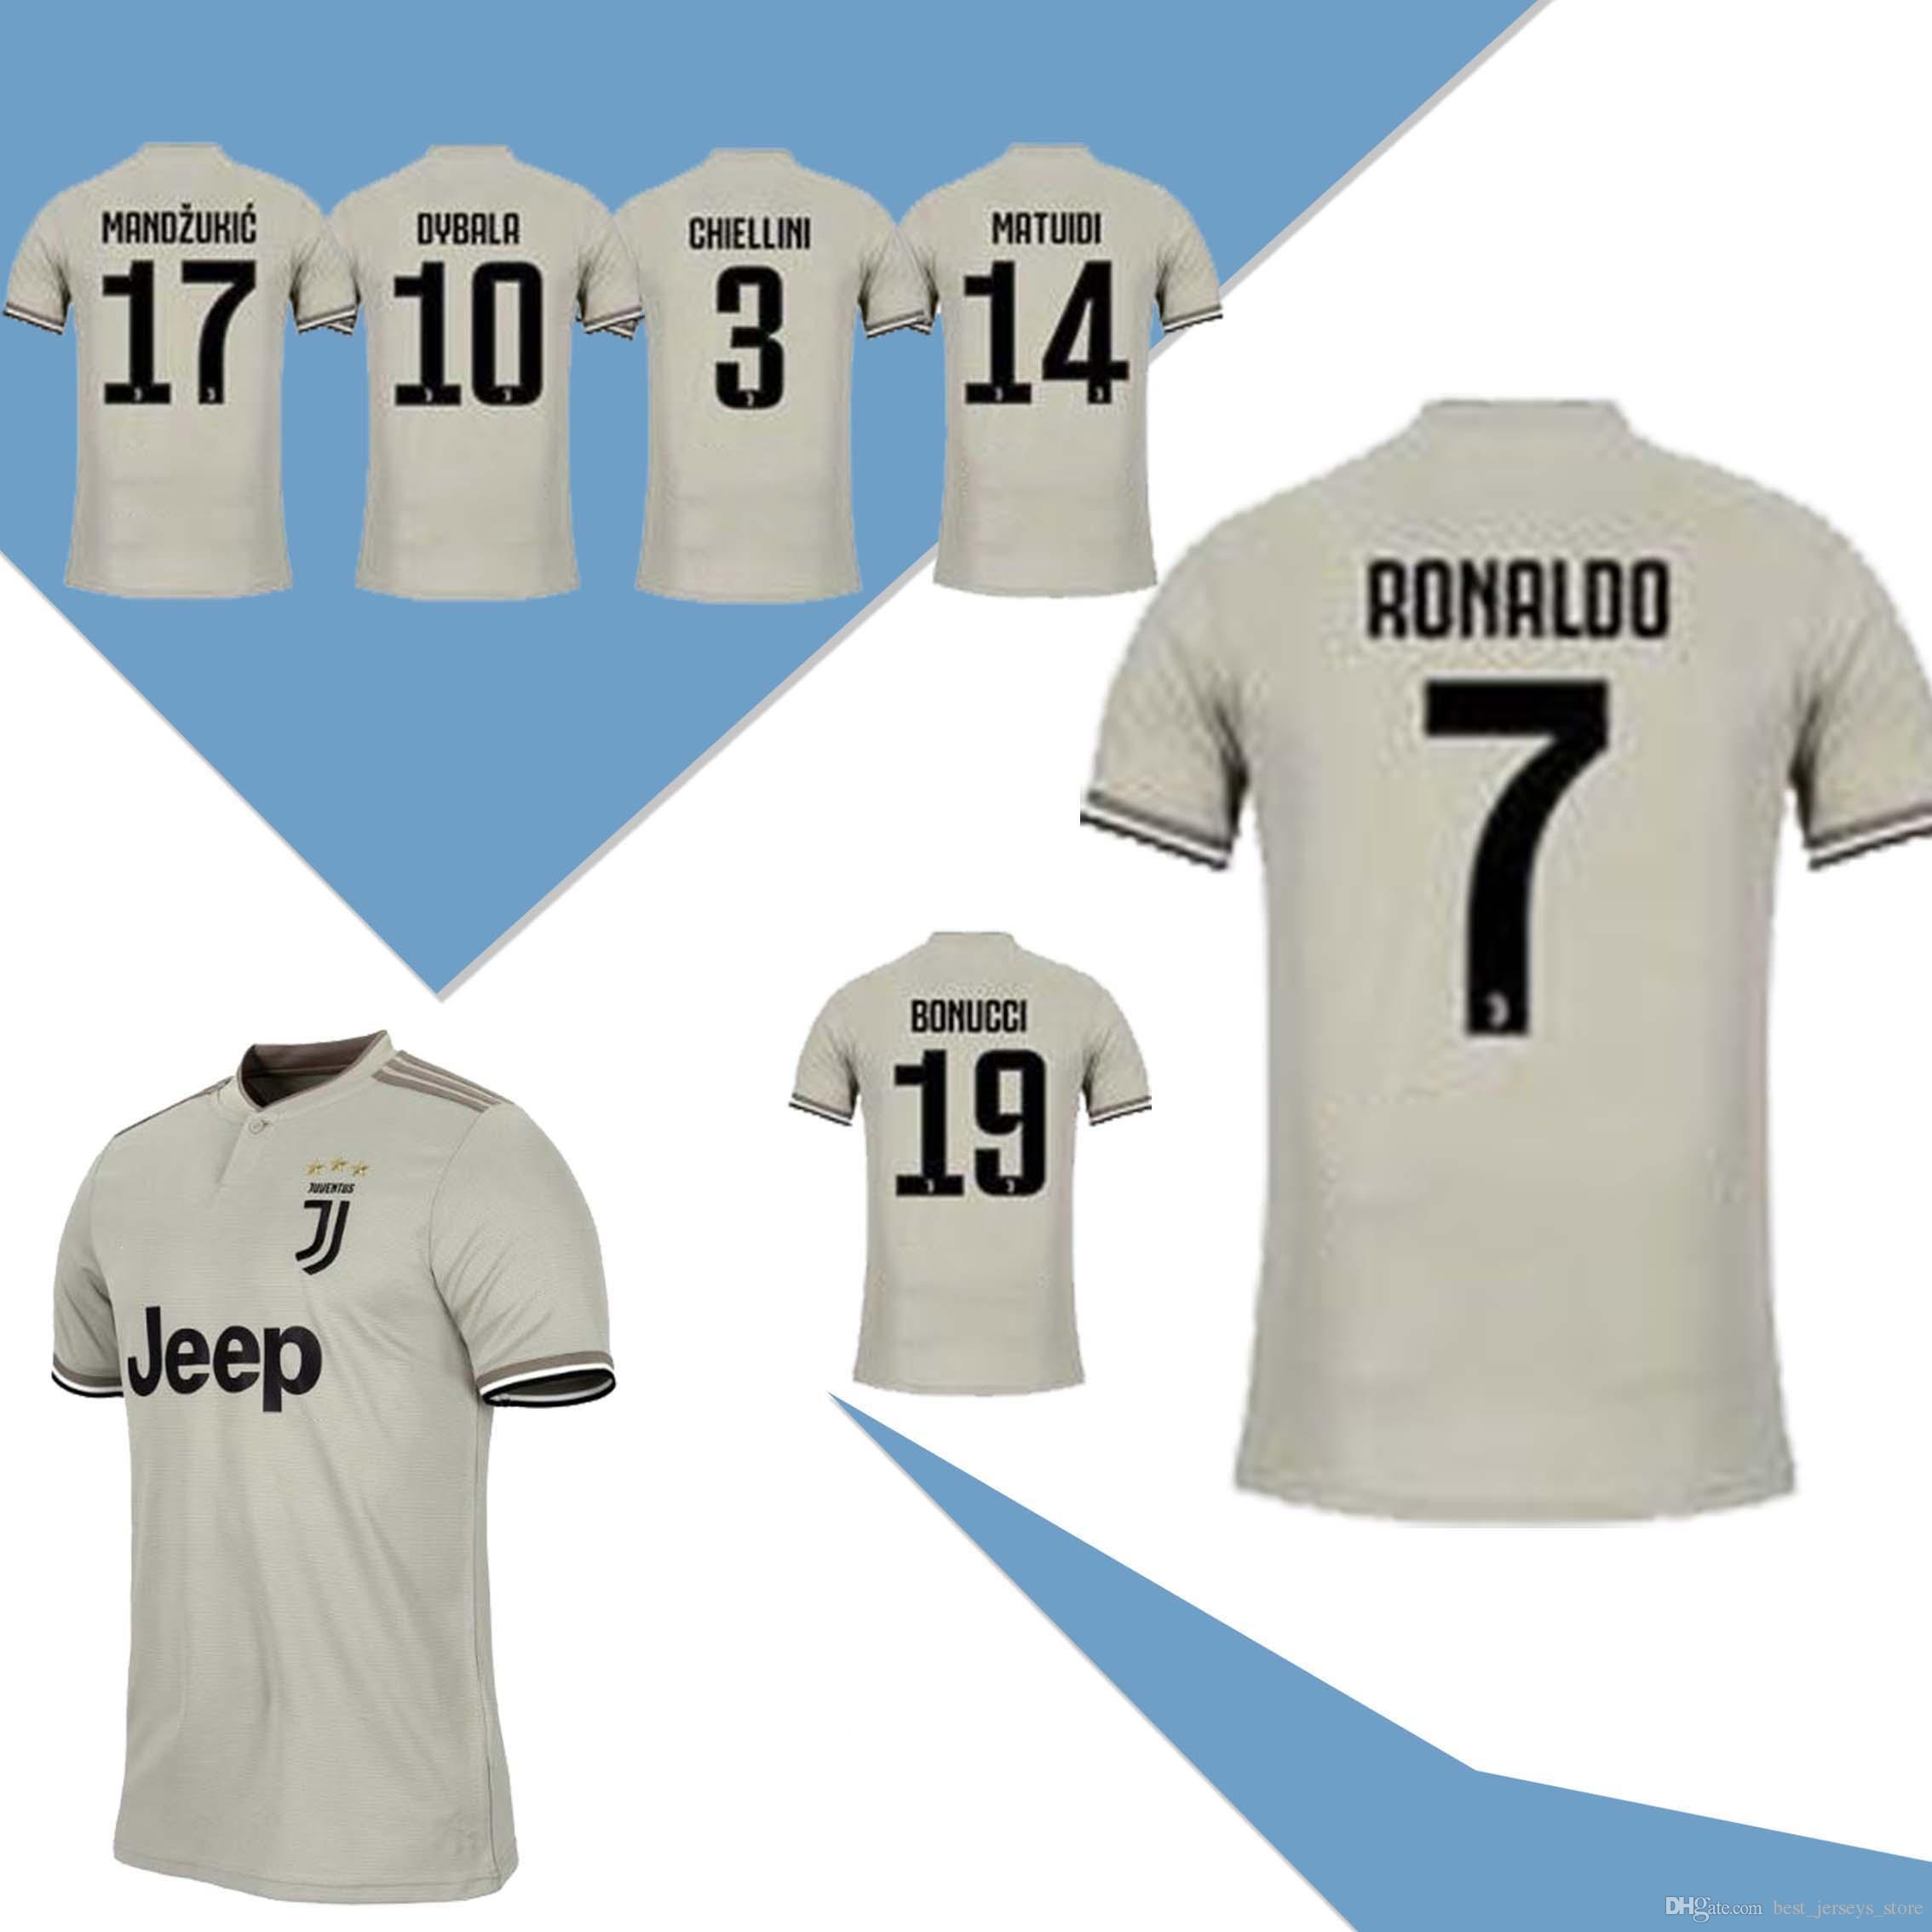 618c54e35 2019 Juventus Away Soccer Jersey 18 19 7 RONALDO DYBALA Soccer Shirt ...